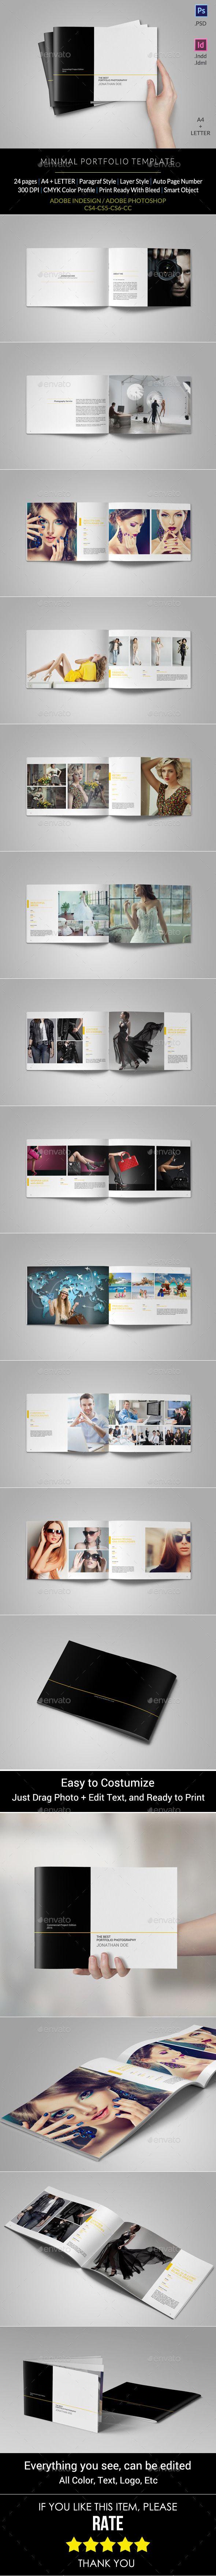 Portfolio Photographer | Design-projekte, Broschüren und Grafikdesign